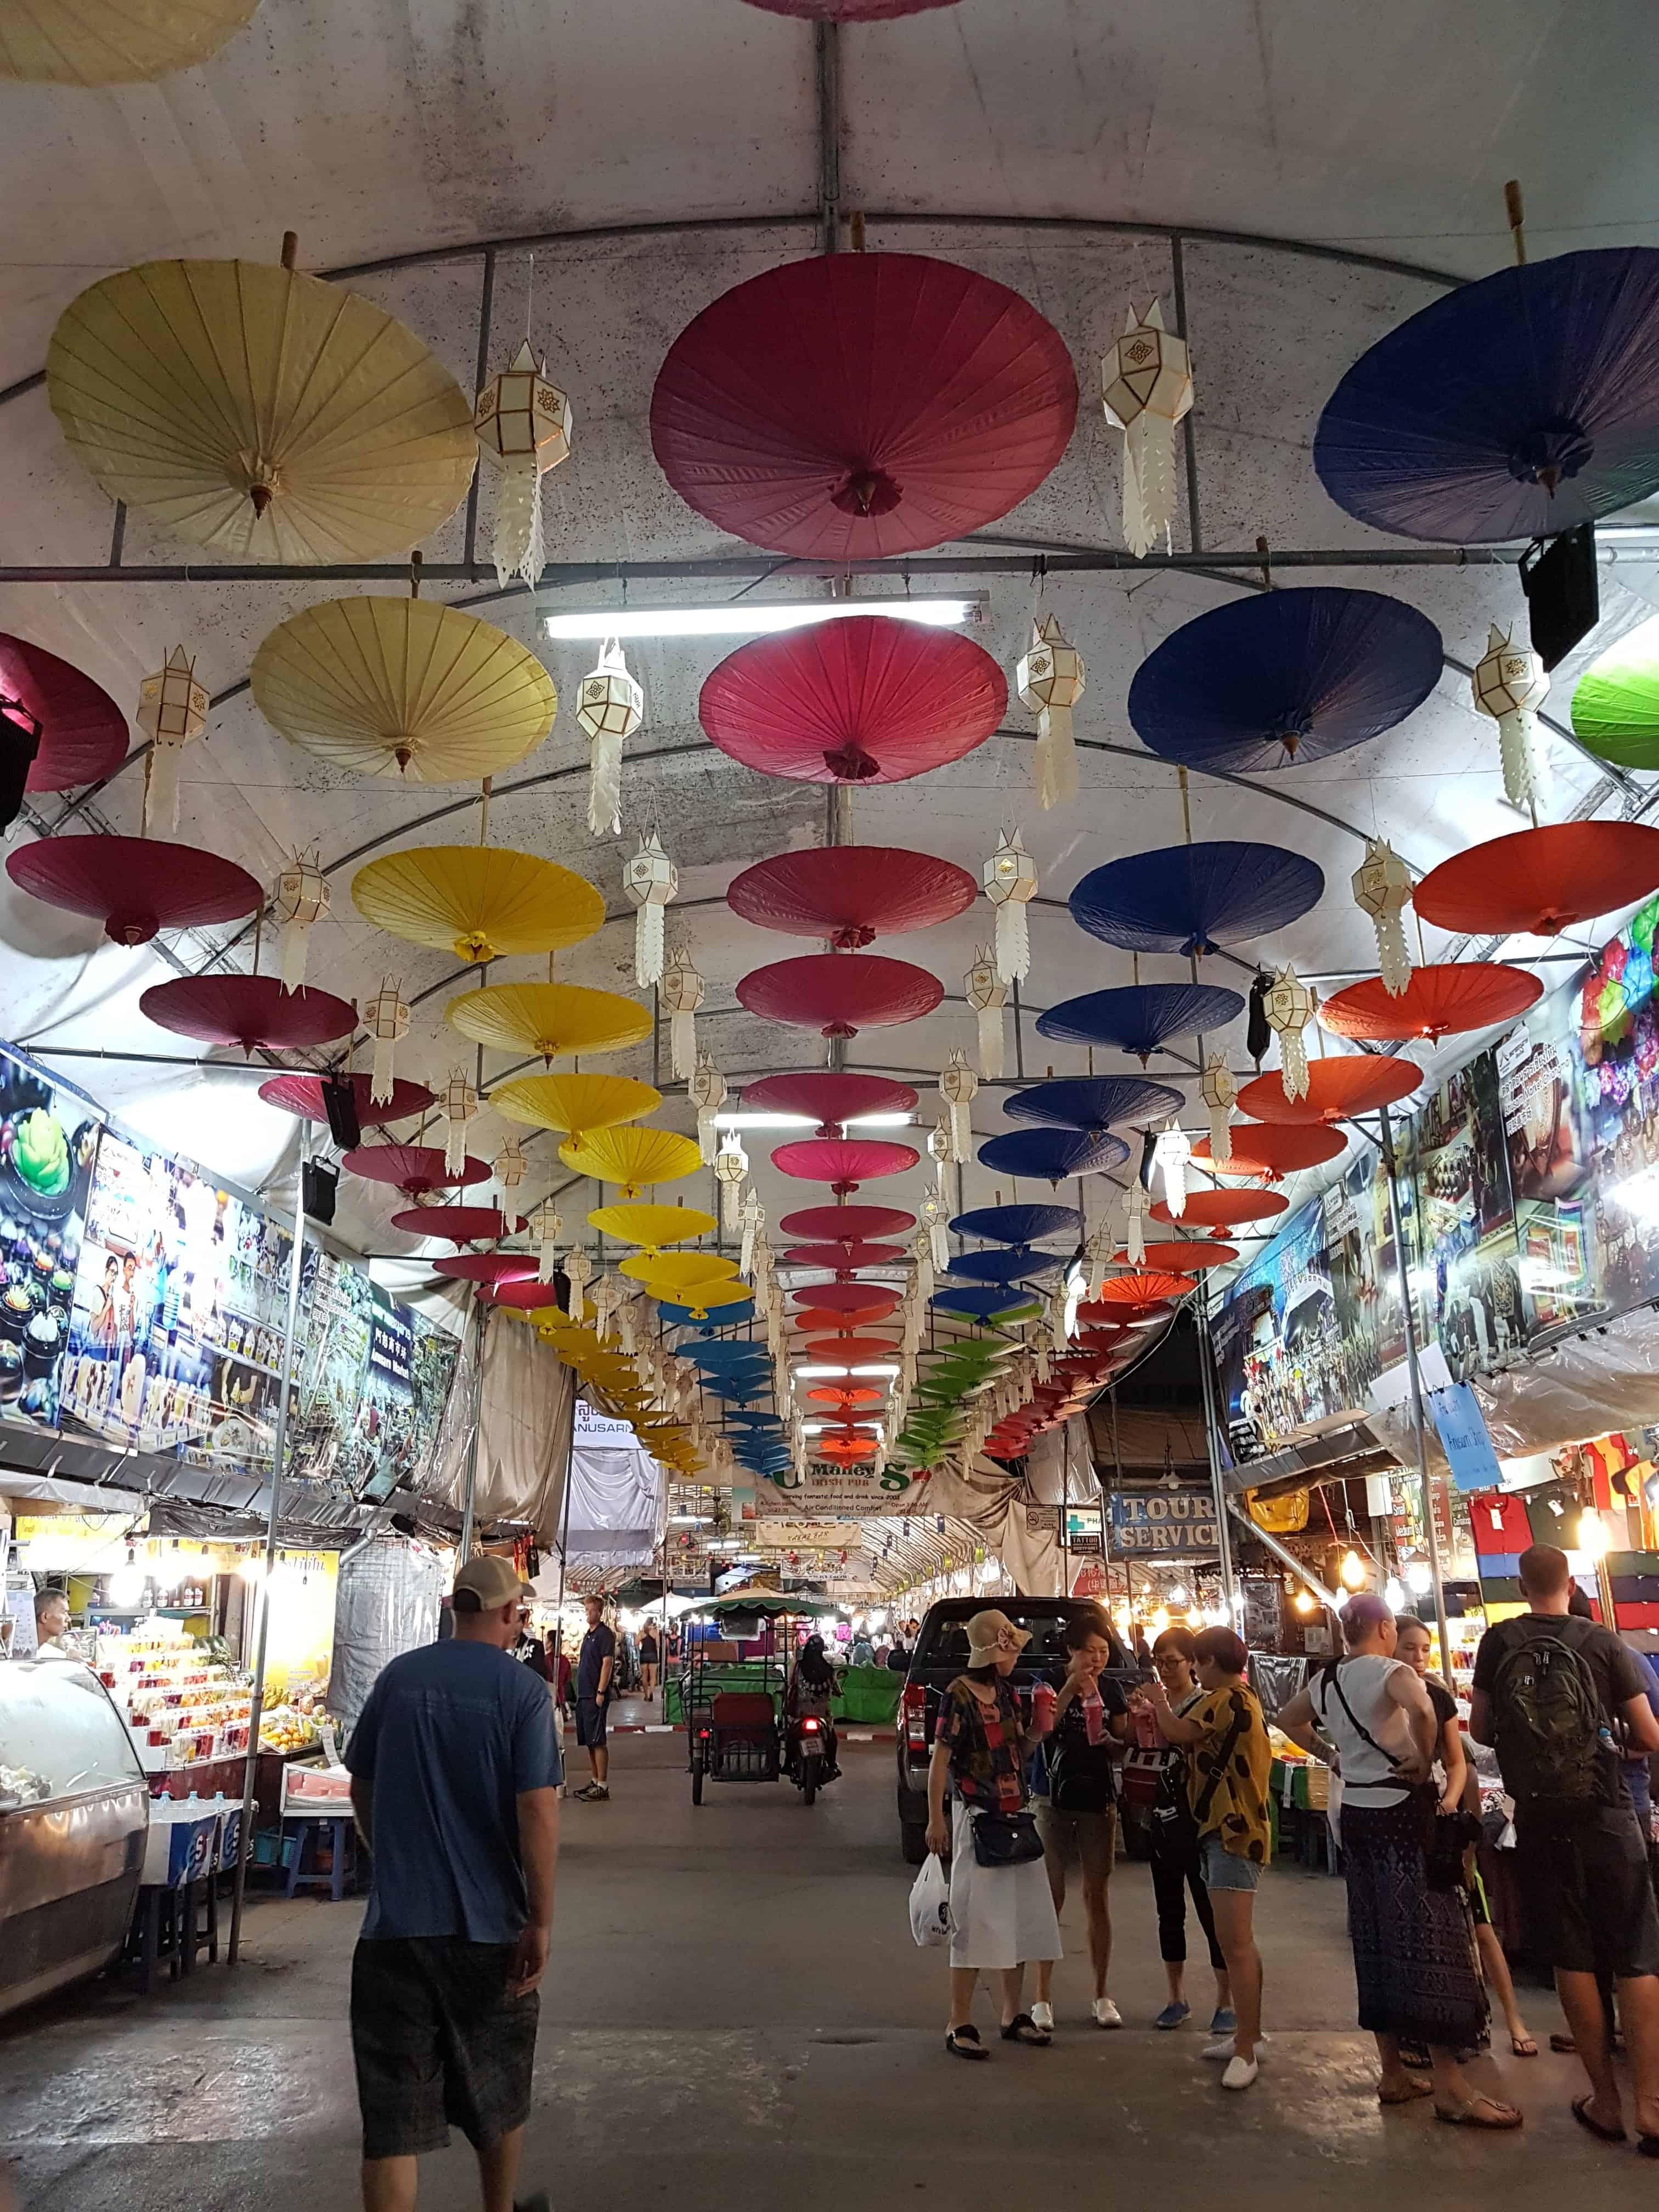 Thaïlande, nos premiers pas au pays du sourire 🇹🇭 2